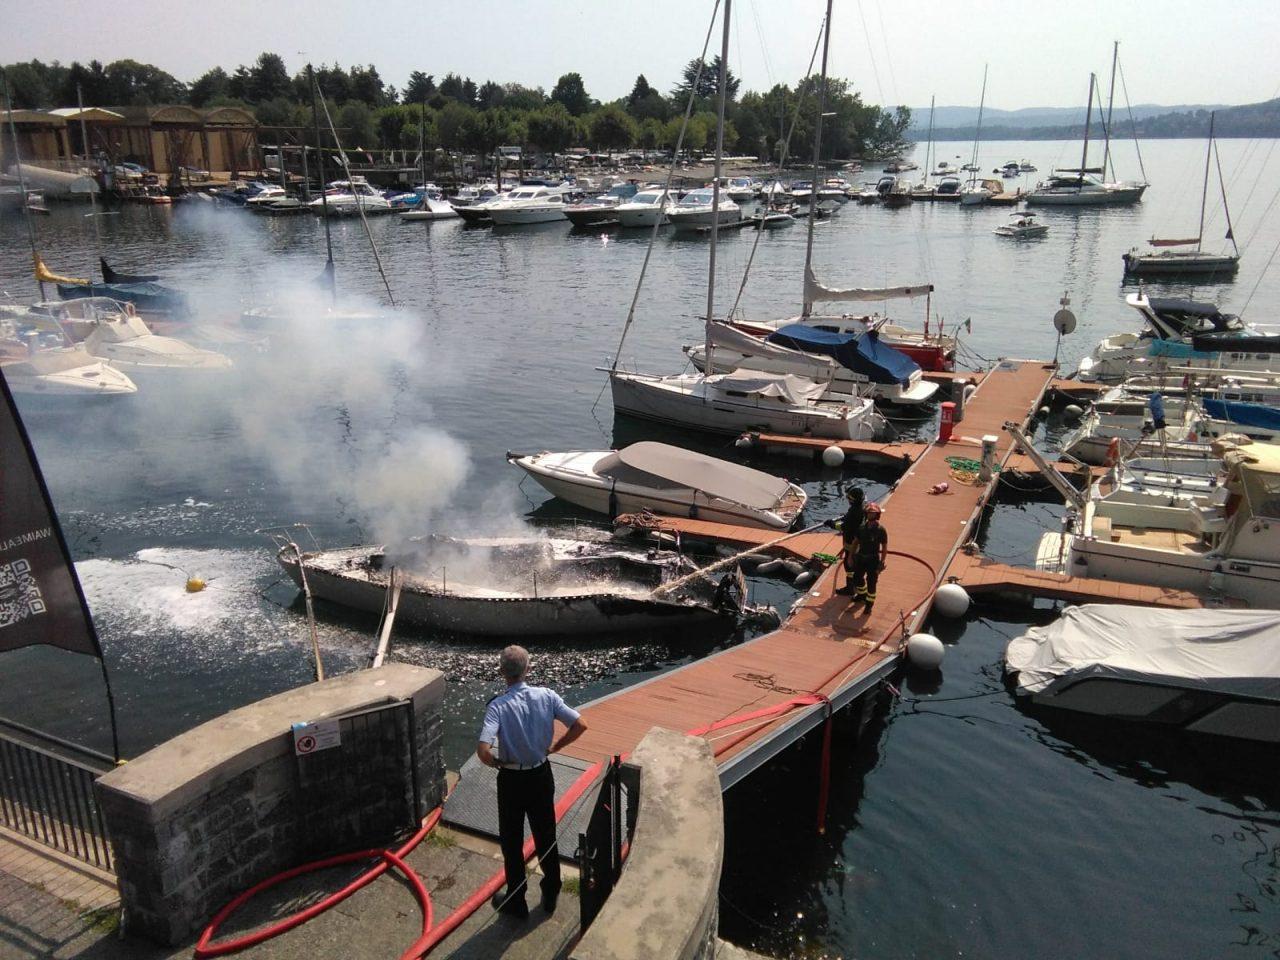 barca incendio solcio lesa